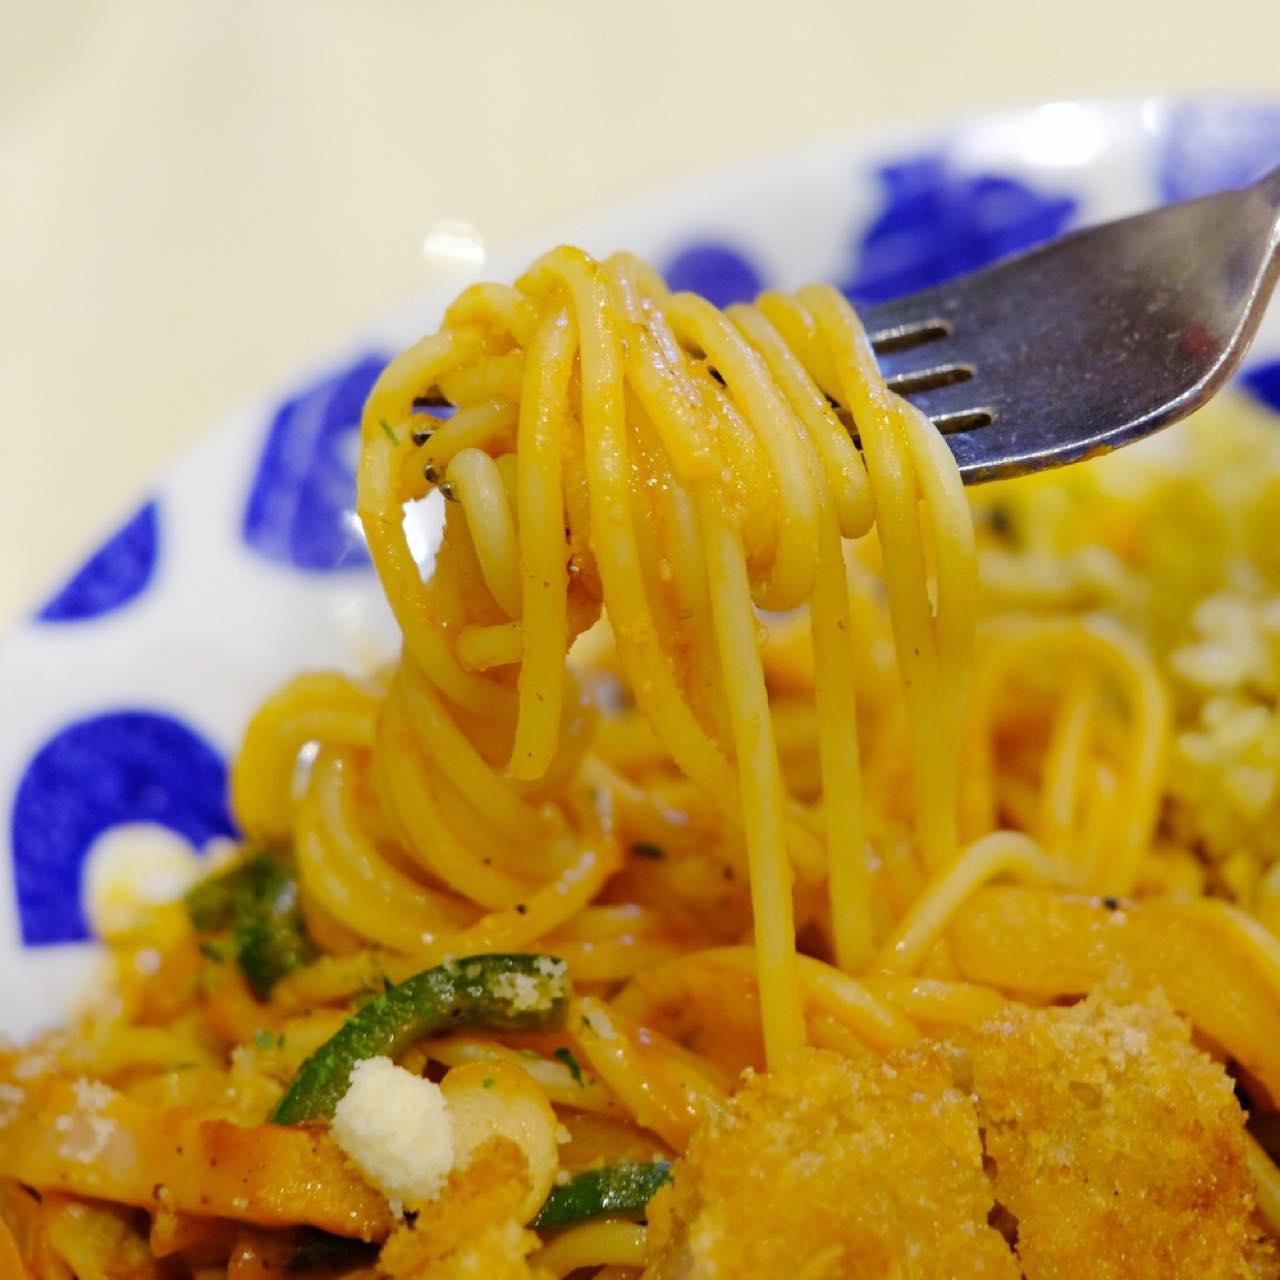 画像: 洋食の代表格ナポリタンは、チーズの香りが高くコクがあります。